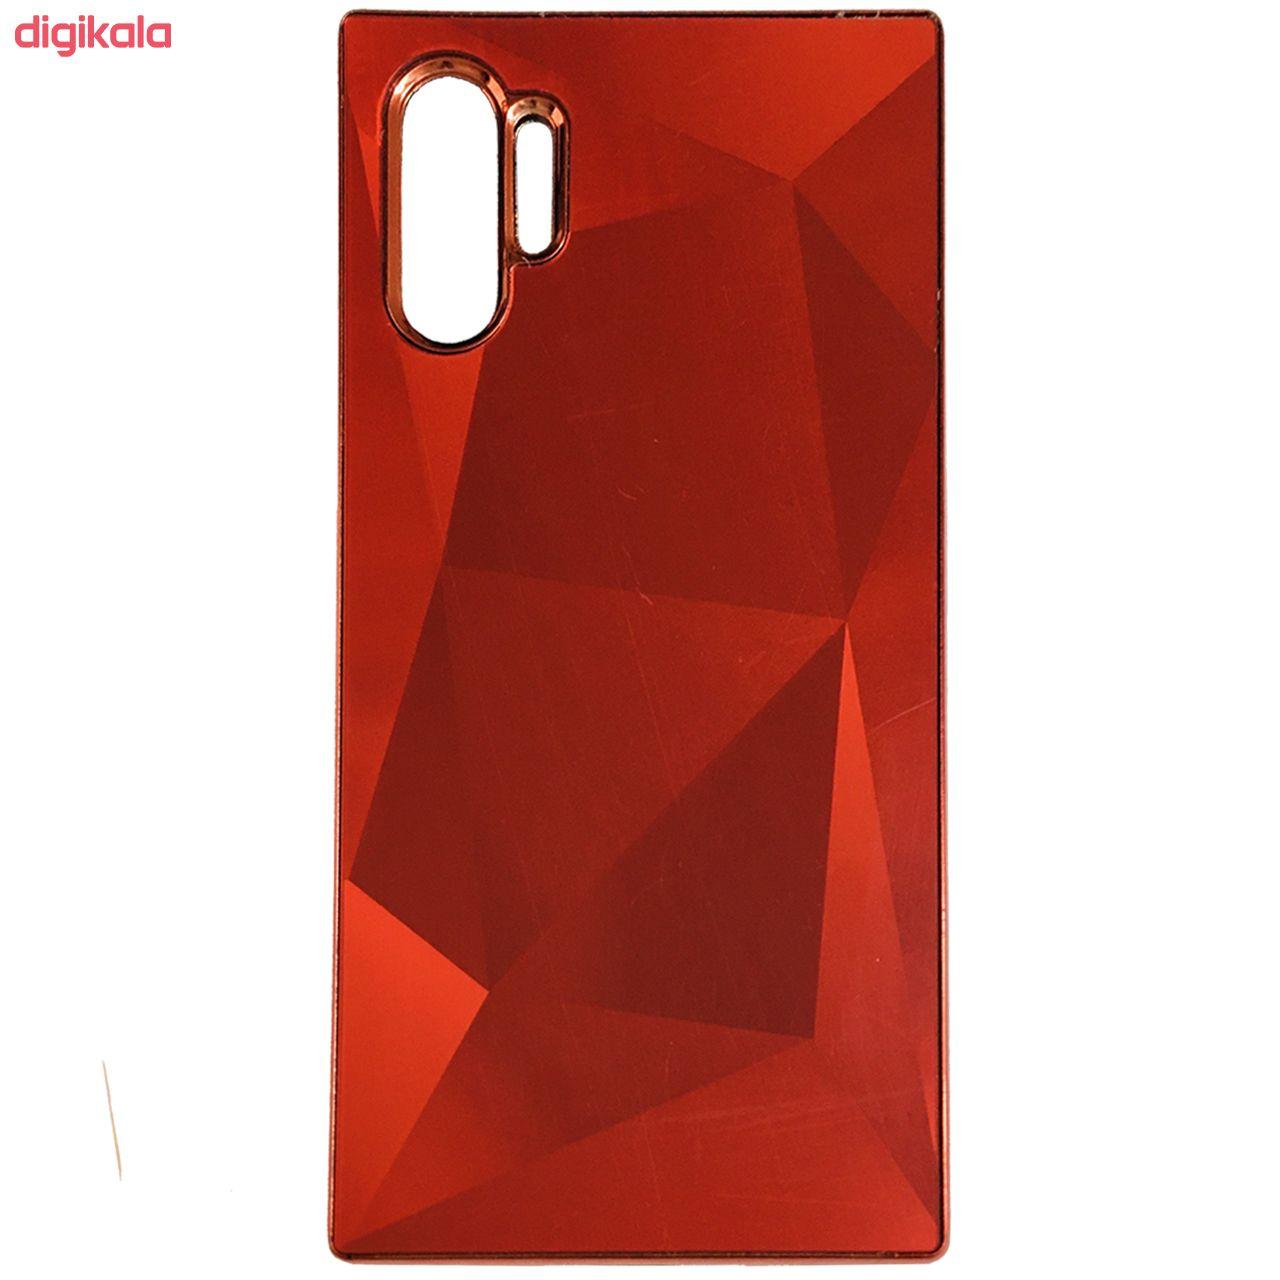 کاور طرح الماس کد 0015 مناسب برای گوشی موبایل سامسونگ Galaxy Note 10 Plus main 1 2